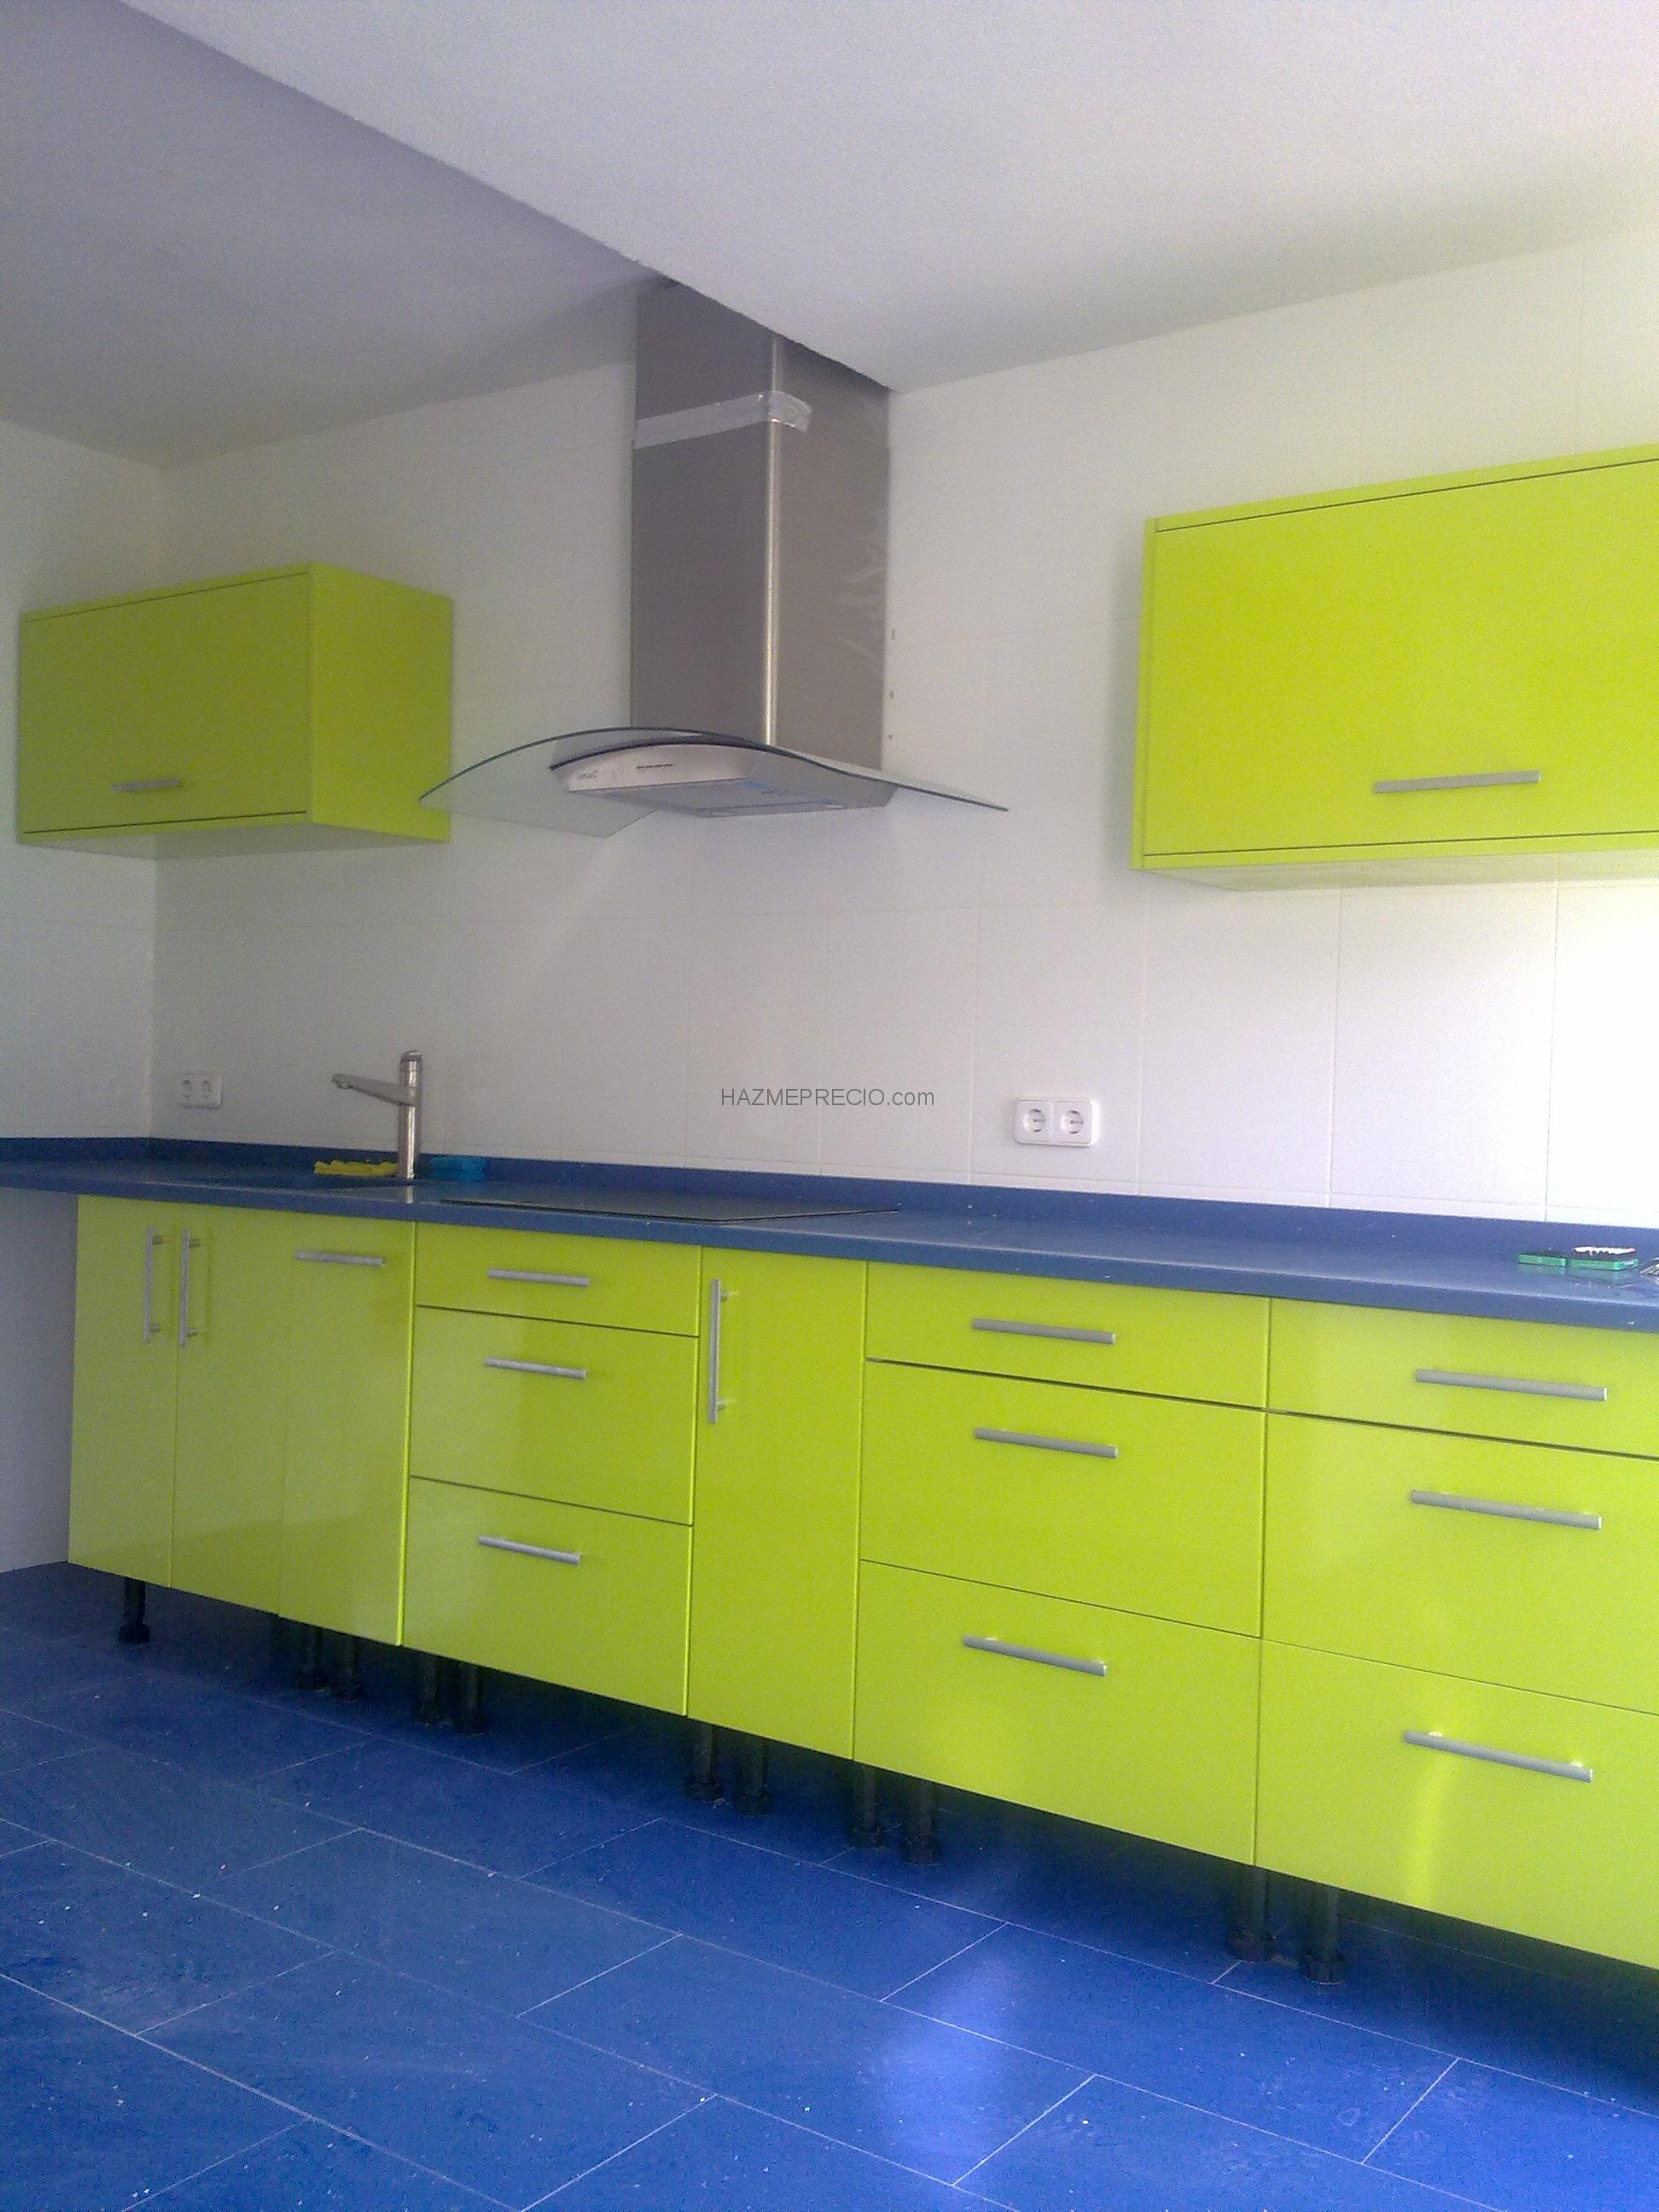 Empresas de muebles de cocina a medida en madrid for Empresas de muebles de cocina